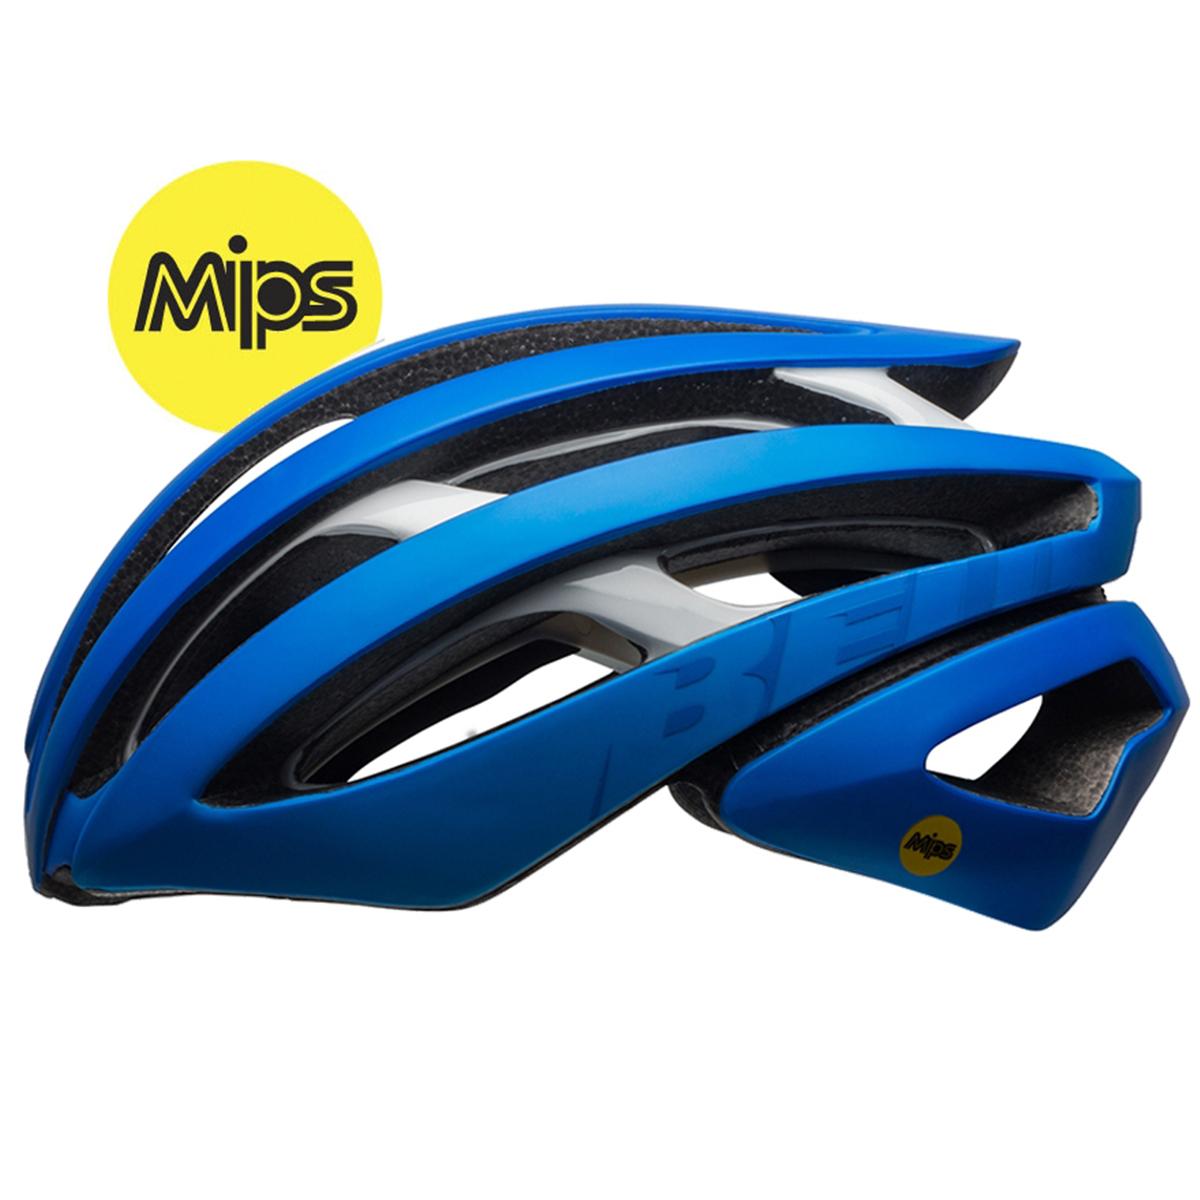 Bell Zephyr MIPS Road Bike Helmet - 2018